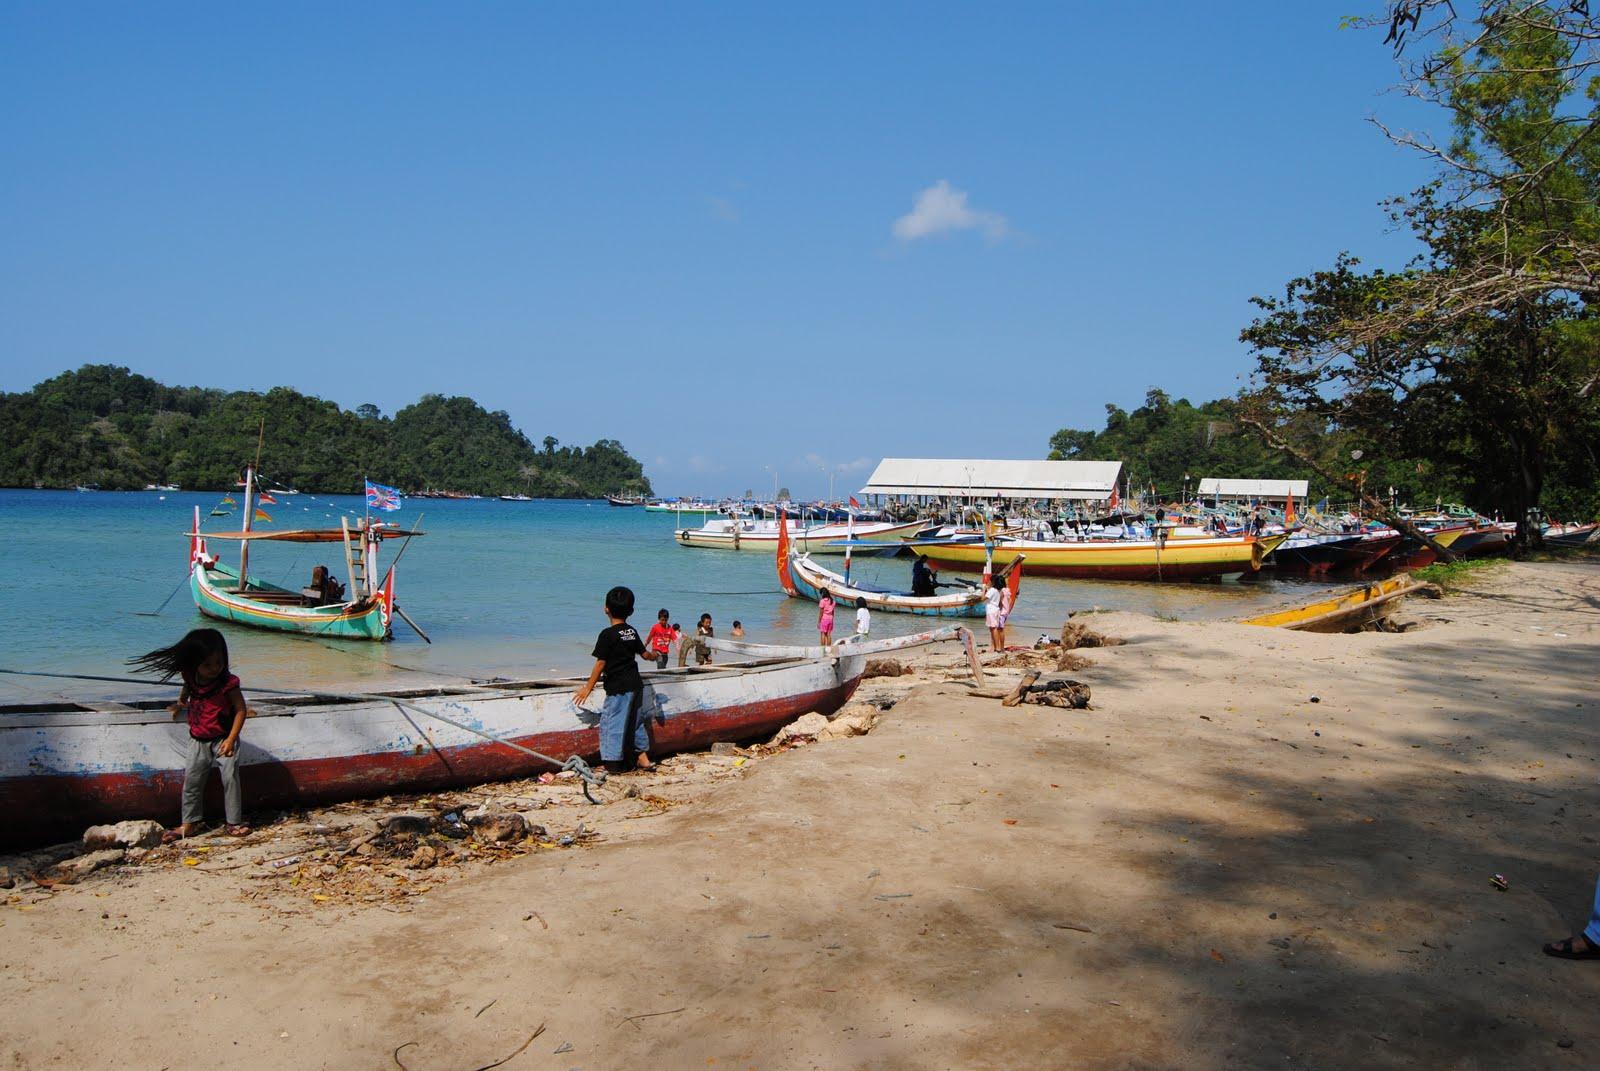 Pantai Sendang Biru Malang Indra Wijaya Ombak Lebih Tenang Daripada